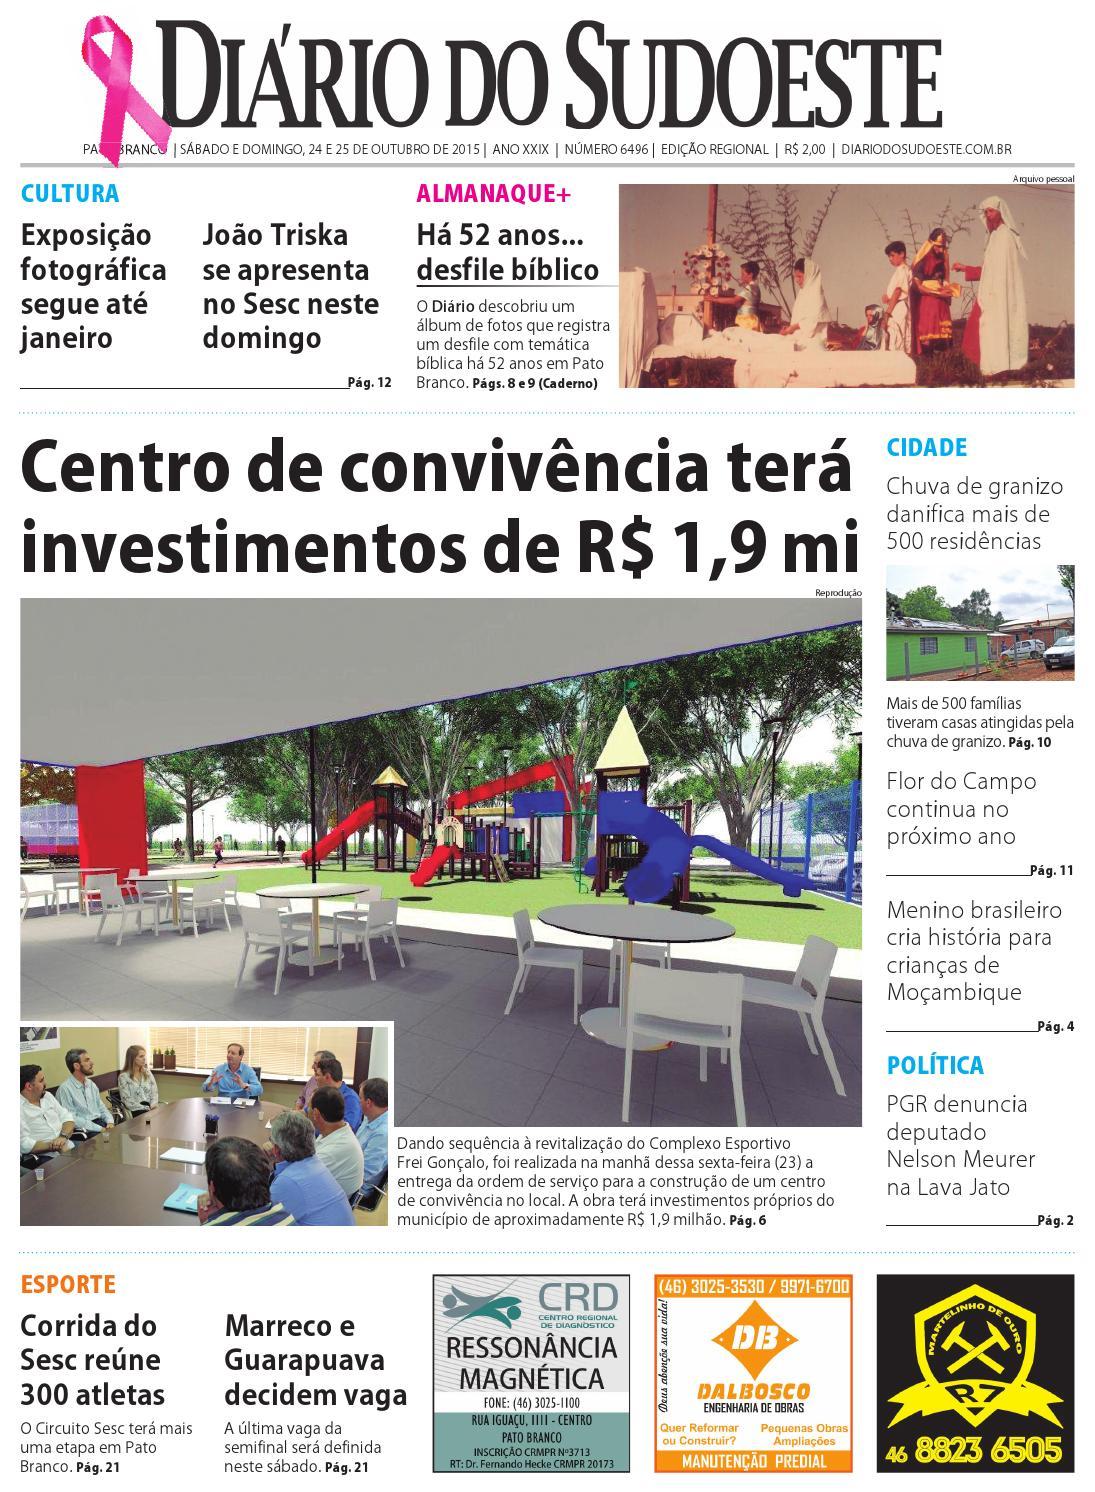 13f905468ee Diário do sudoeste 24 e 25 de outubro de 2015 ed 6496 by Diário do Sudoeste  - issuu